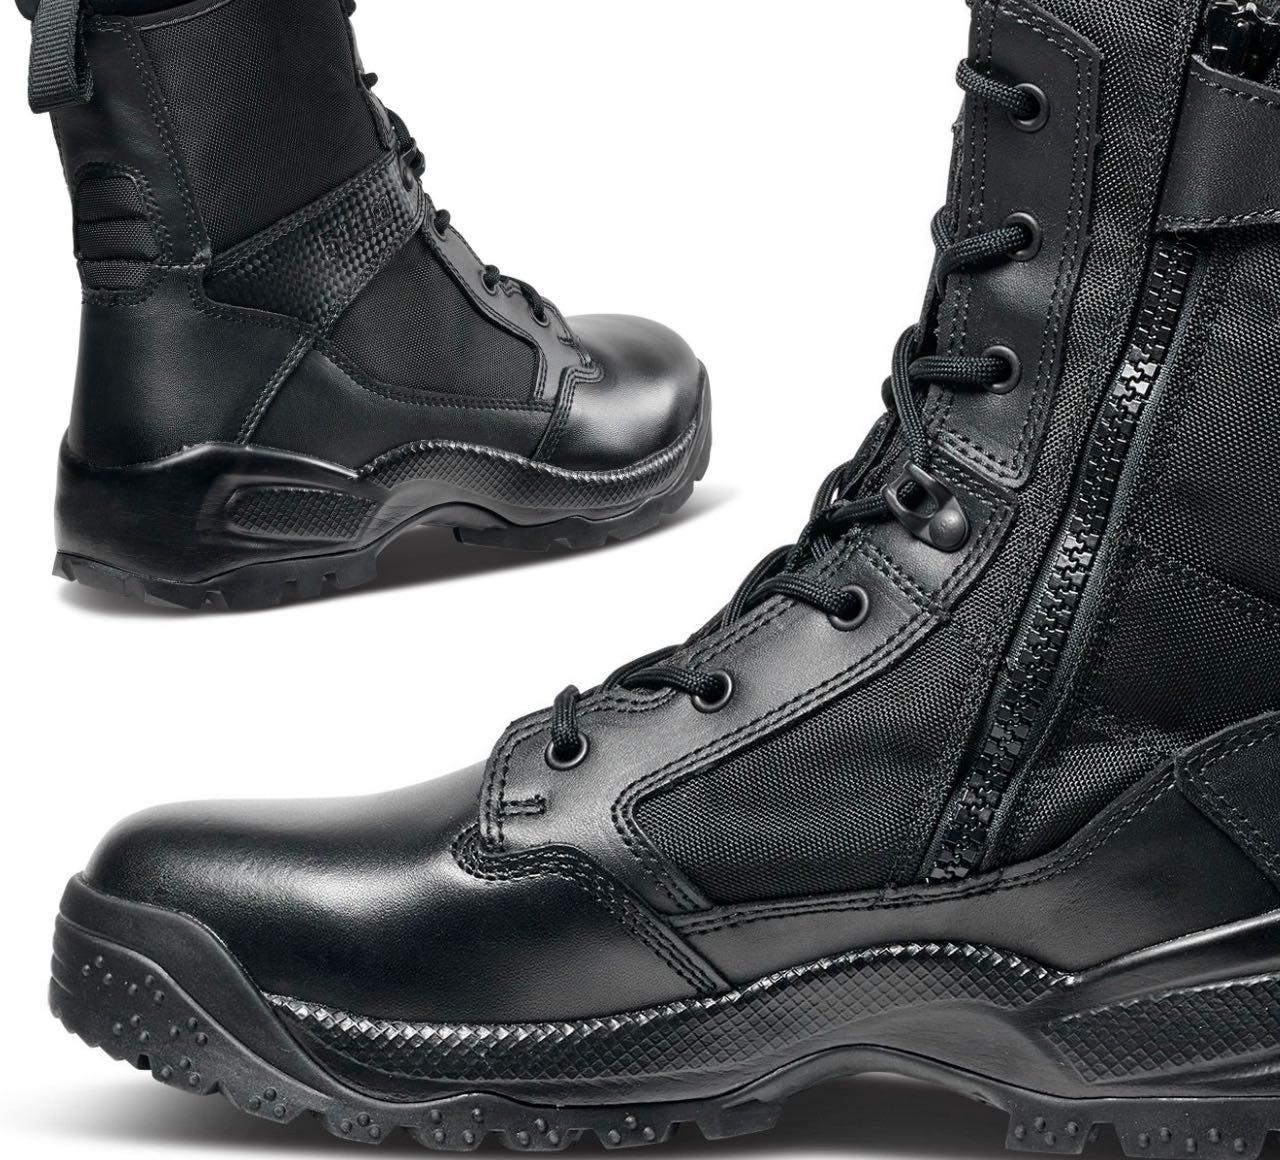 8fedccca5425 Shop Tactical Footwear - Boots